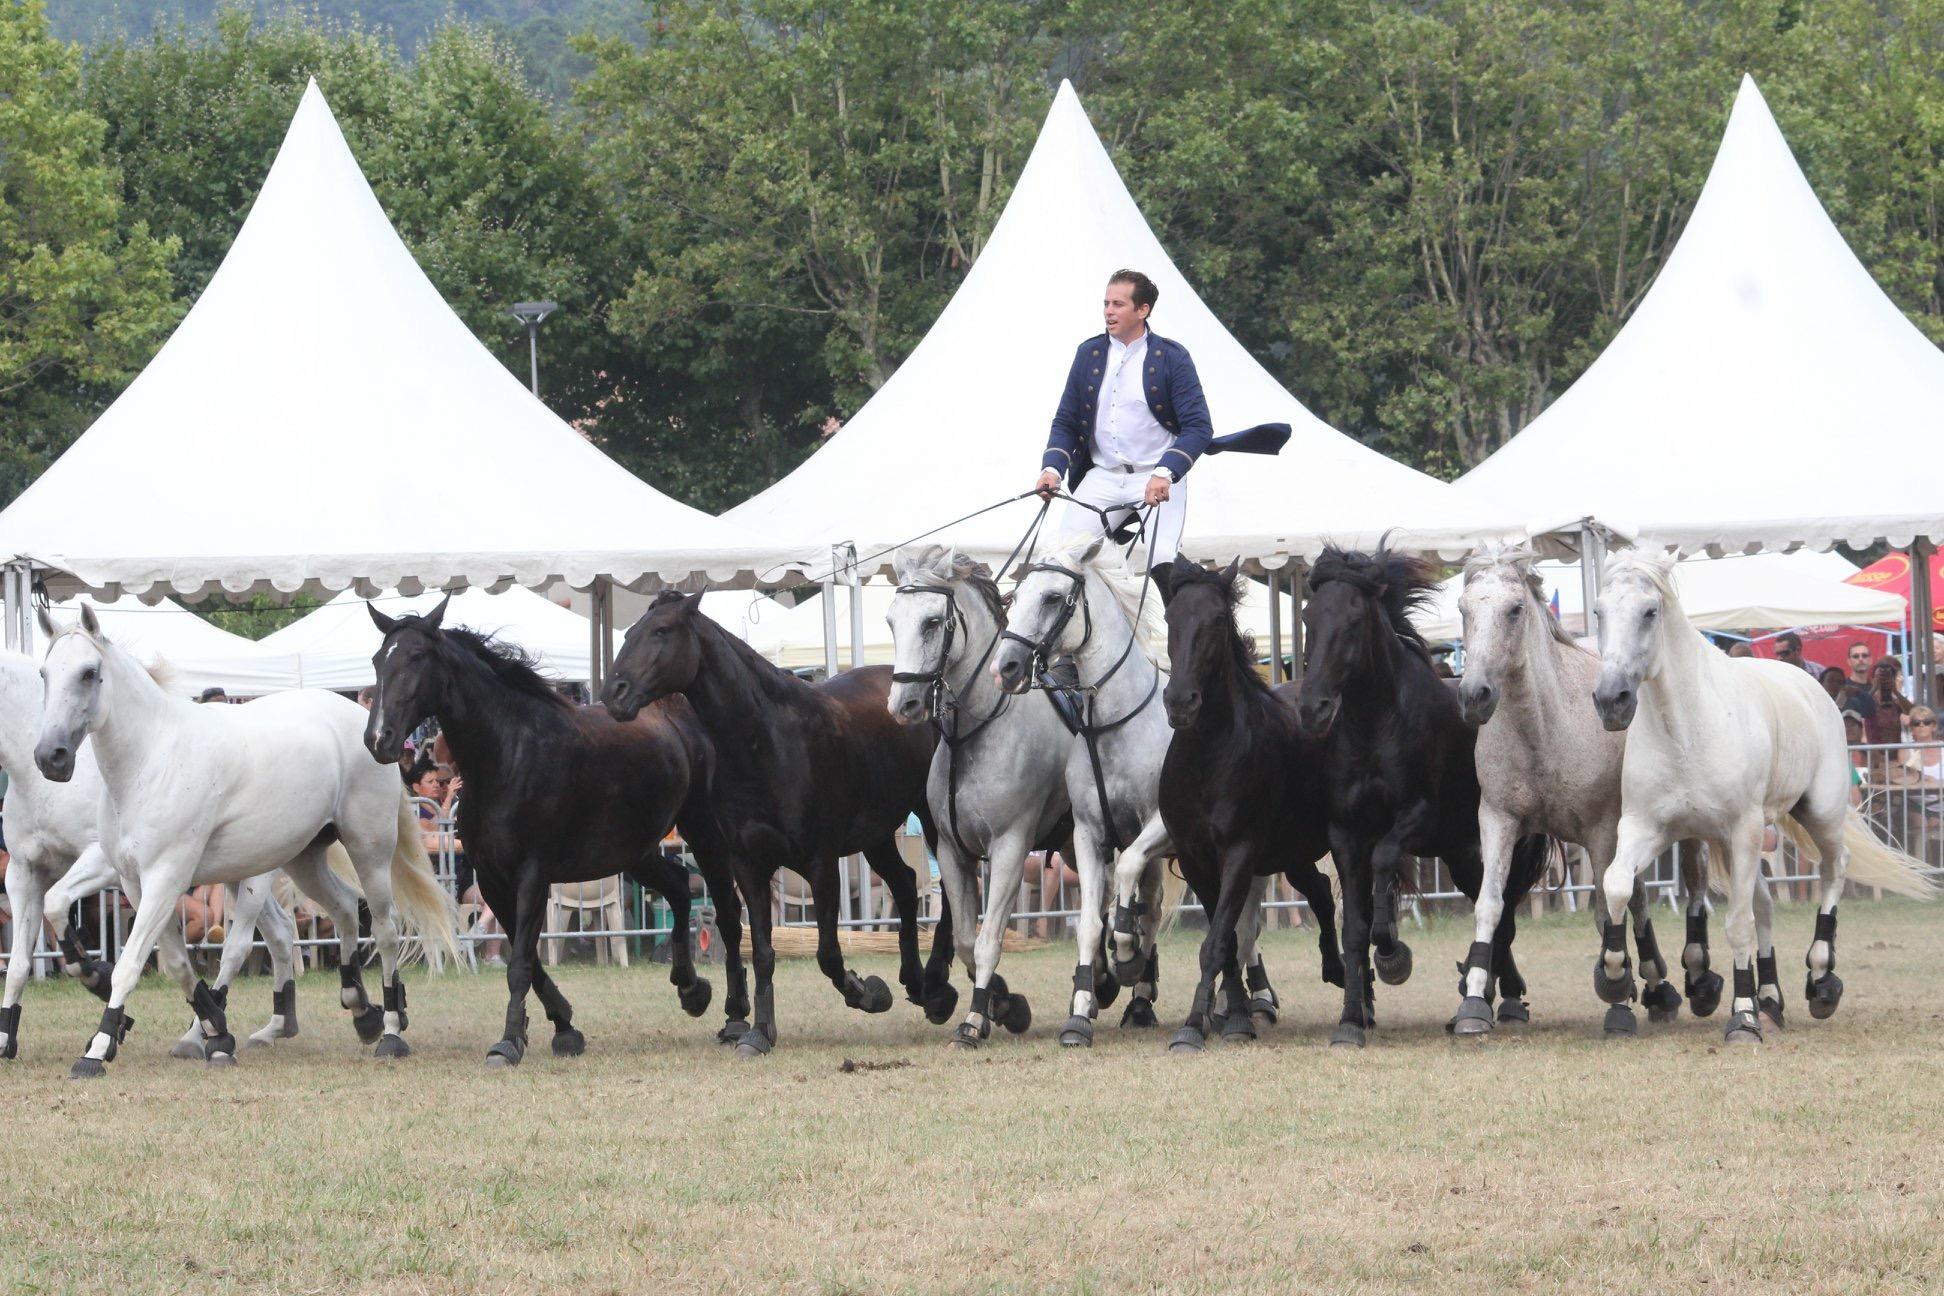 aucop-sonorisation-eclairage-location-materiel-audiovisuel-amsl equitation-carros-nice-marseille-paris-son-lumieres-evenement-fete du cheval-levens